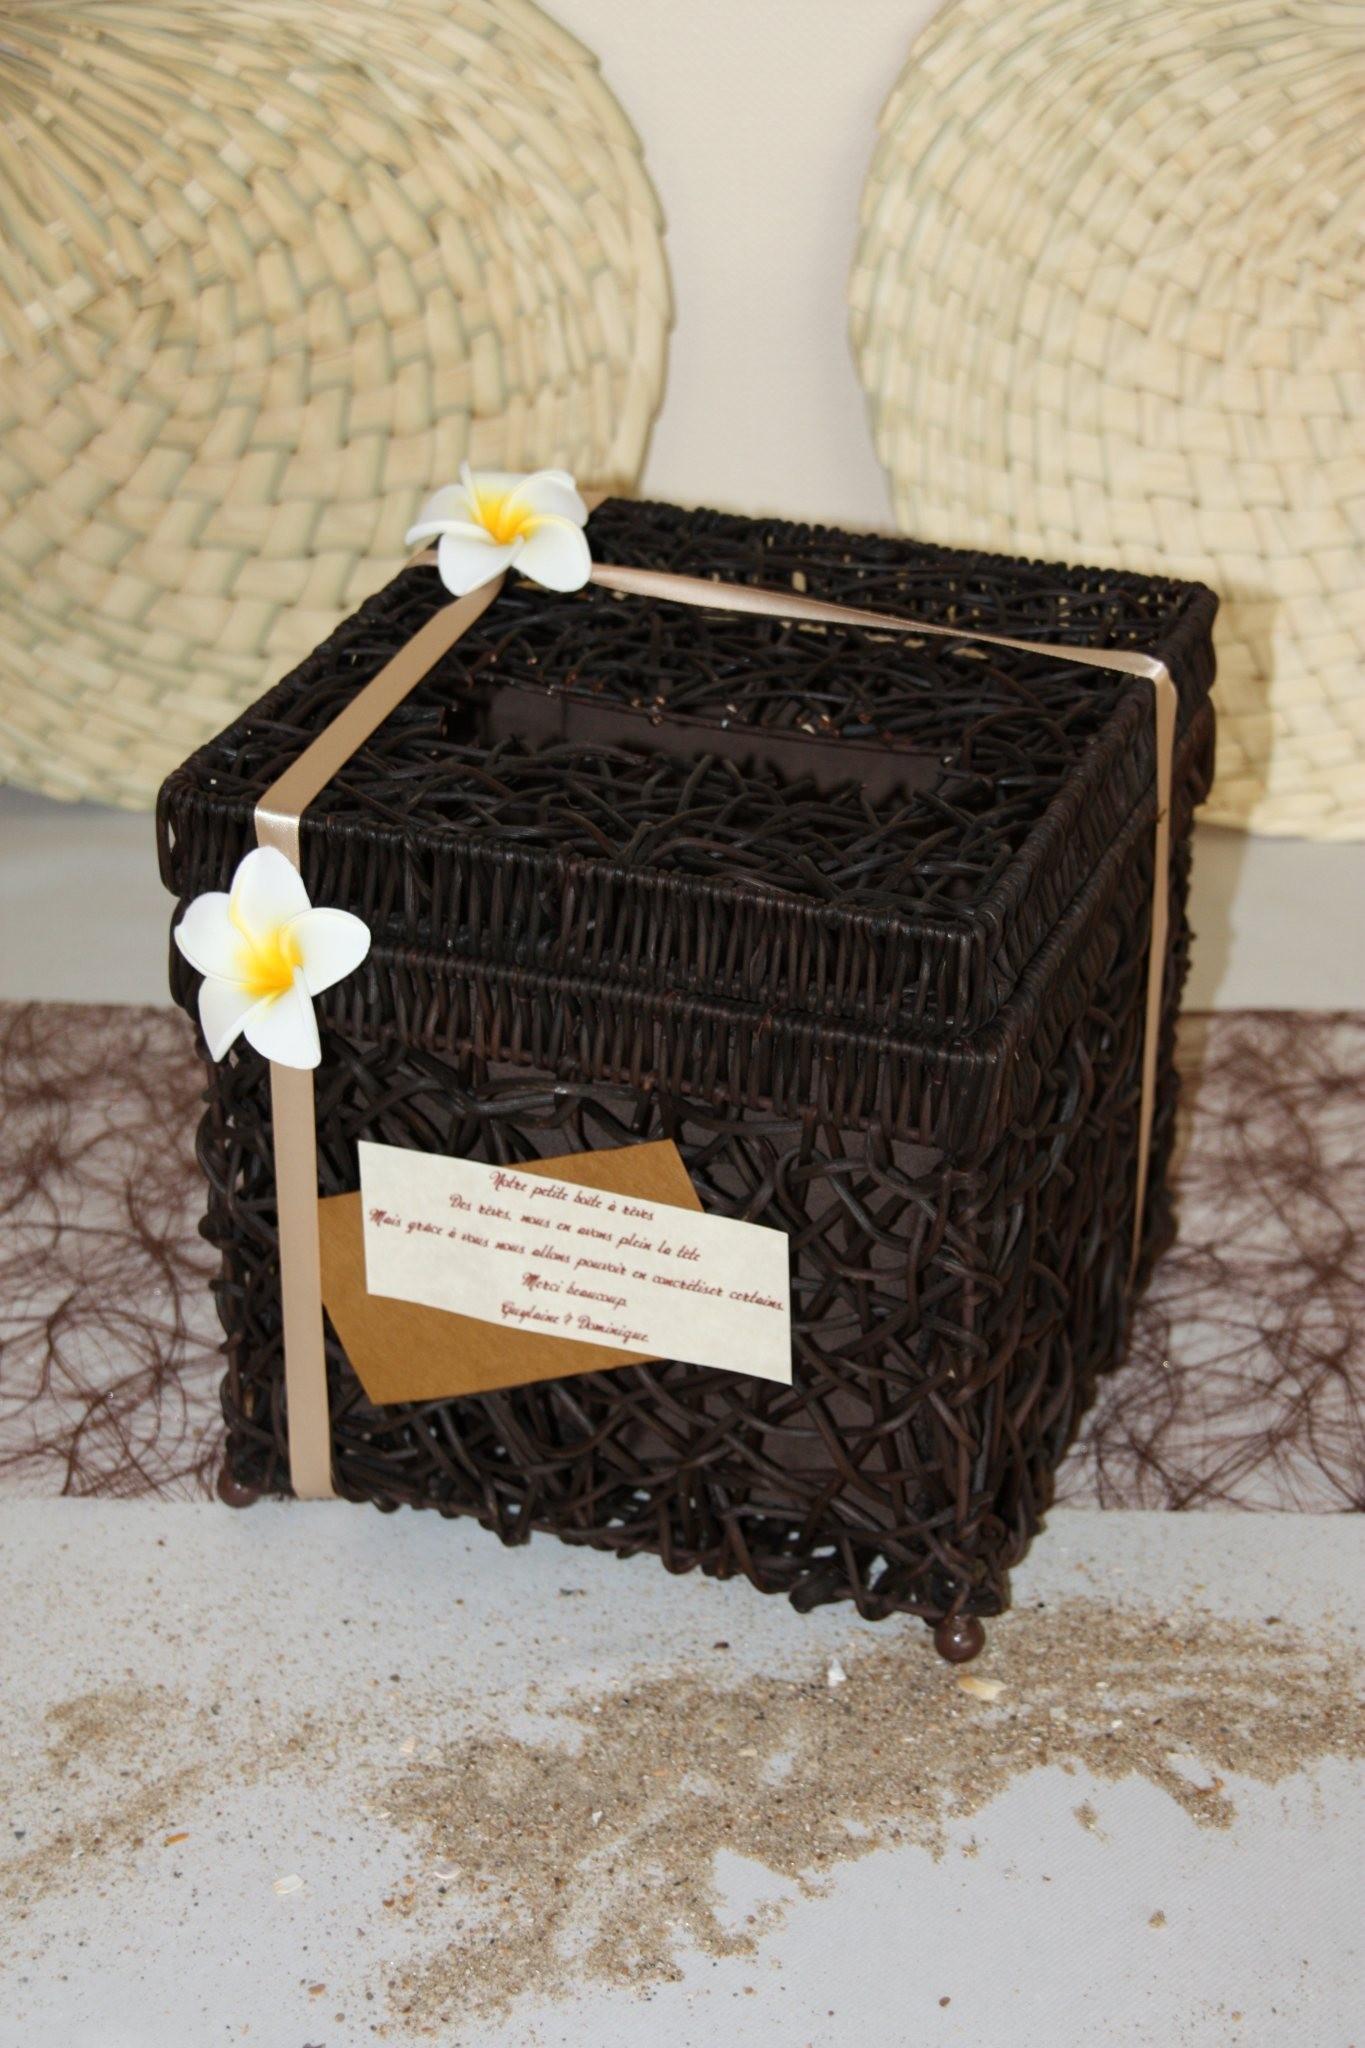 Création d 'une urne pour mariage avec une boite en osier !